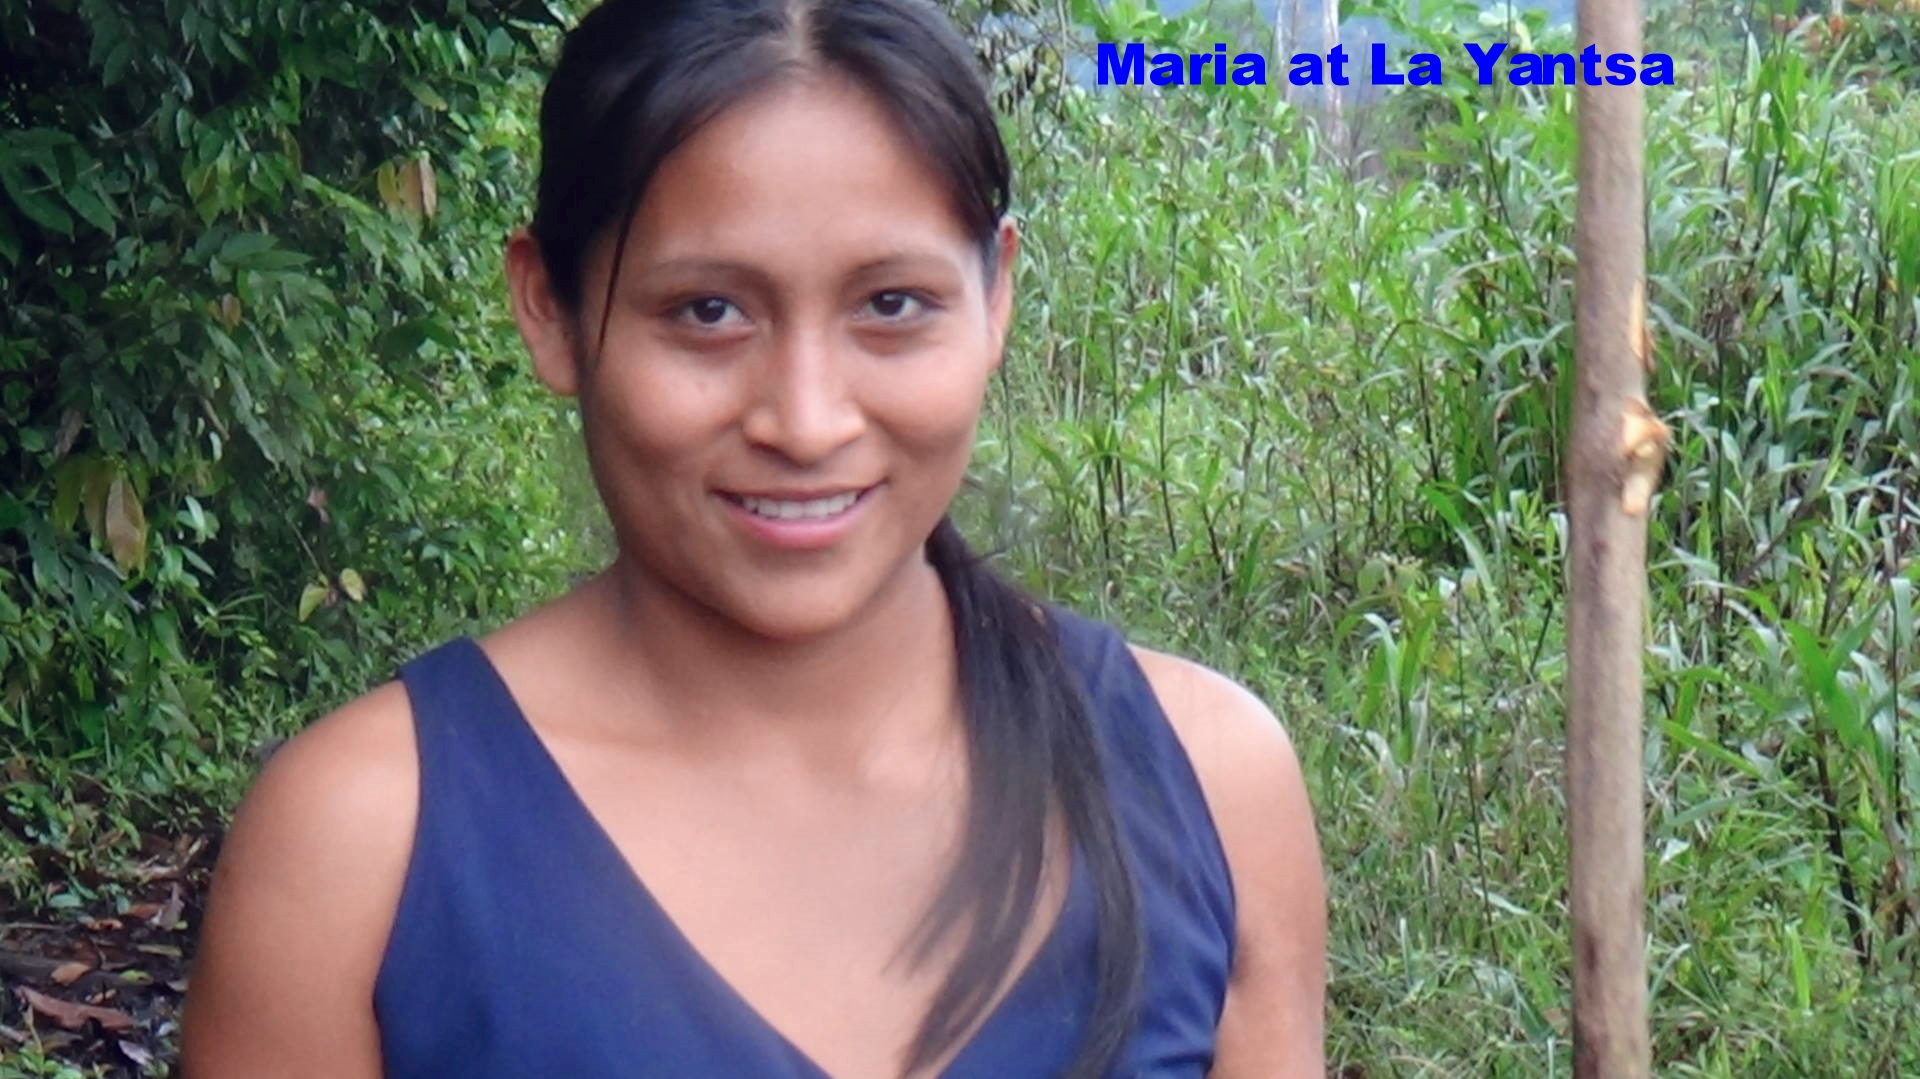 Maria at La Yantsa